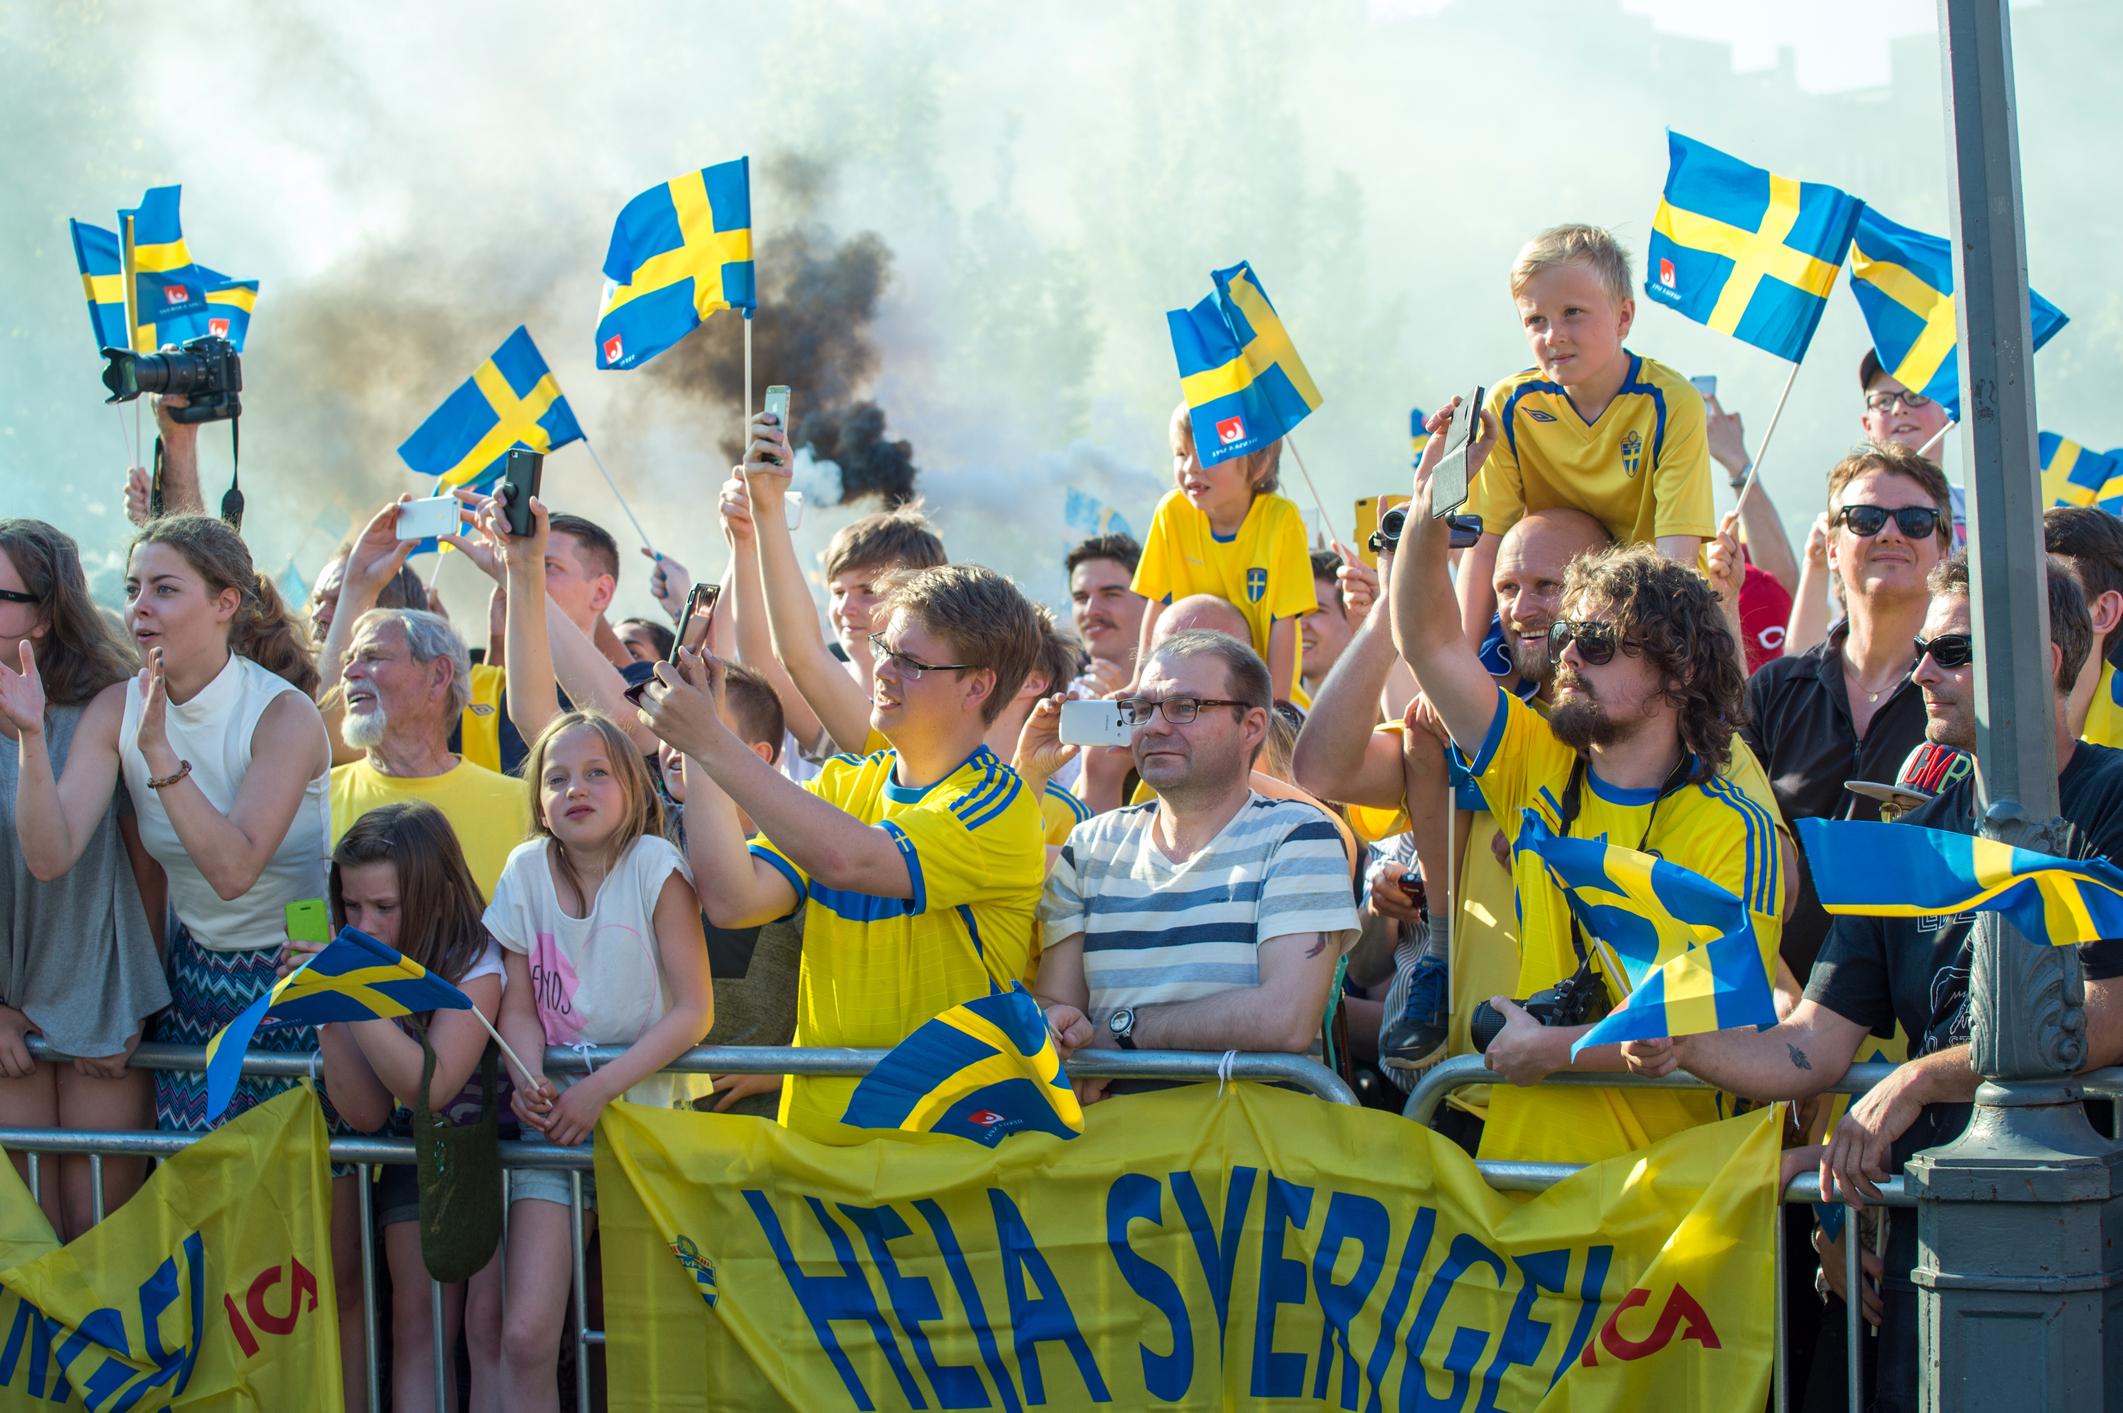 Fotbolls-VM och den nationella stoltheten - Linköpings universitet 372aec0107745